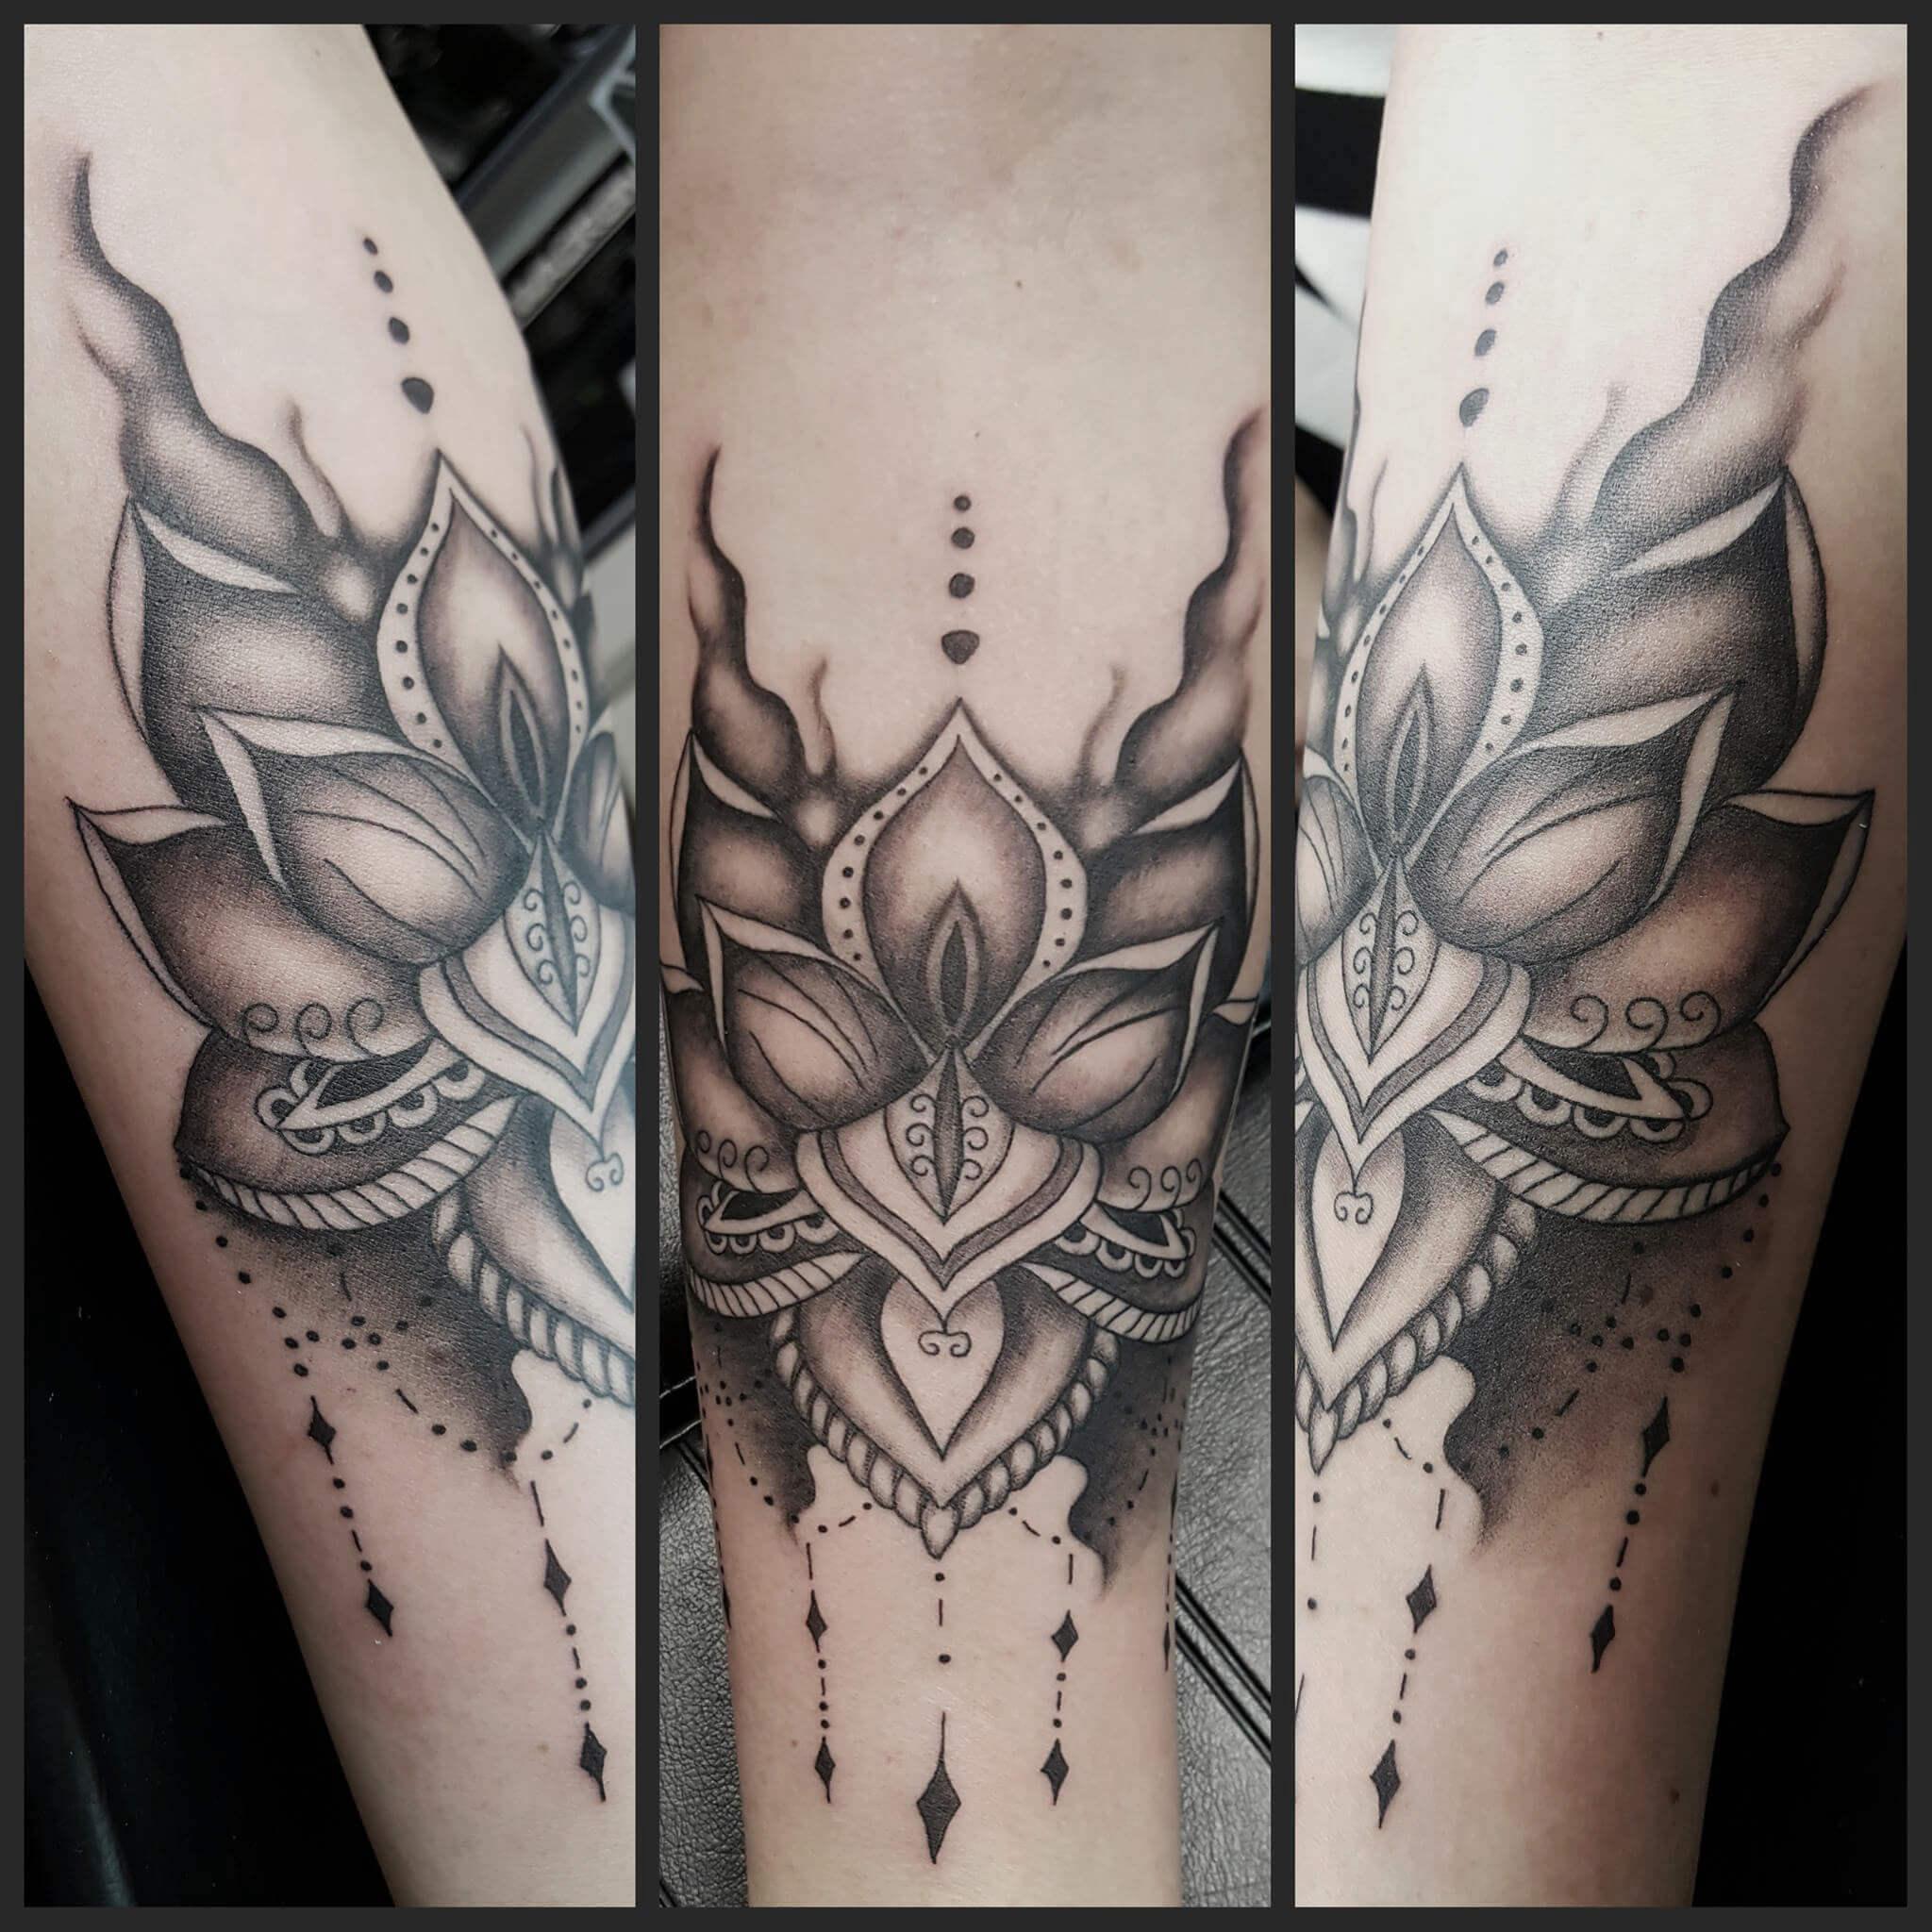 Studio tatuażu Gdańsk Alicja Mazur_styl mroczny